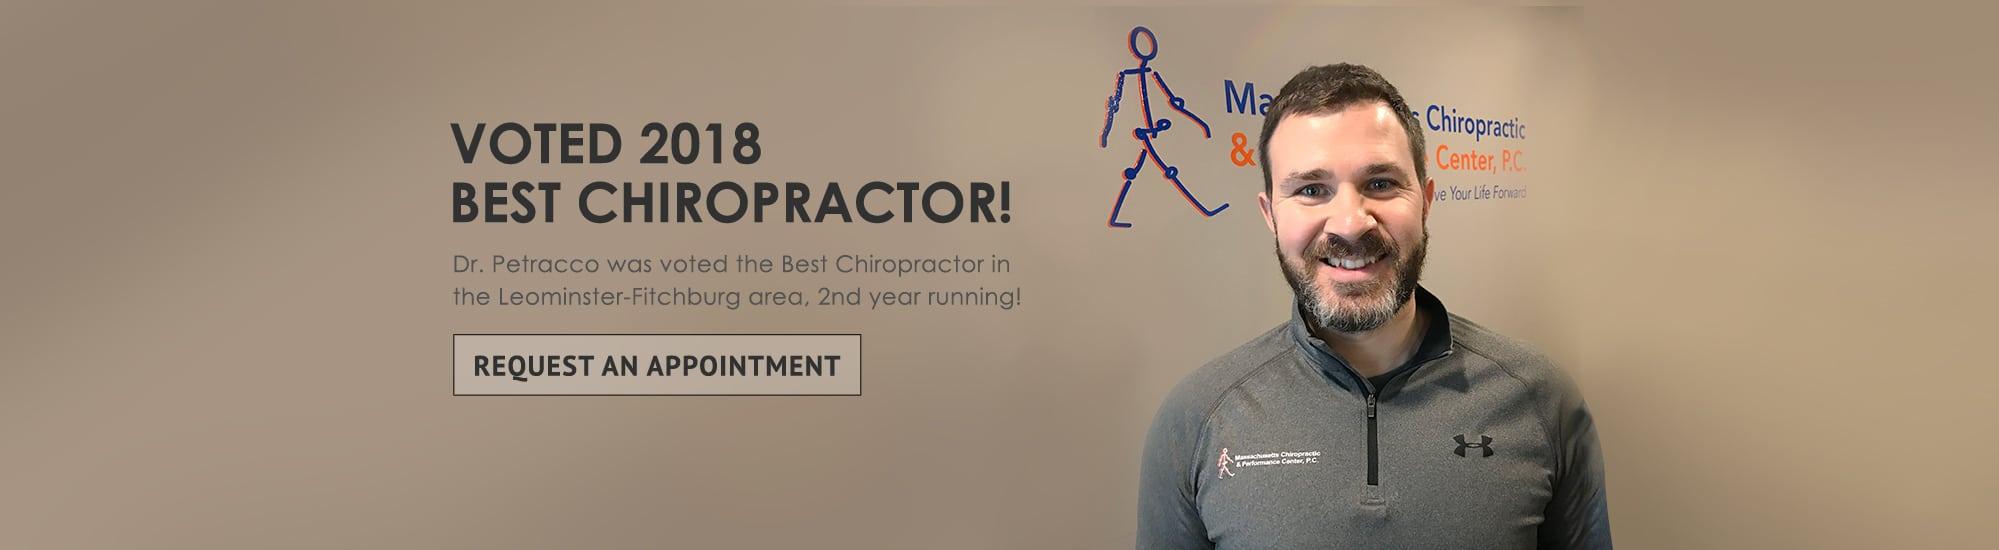 voted 2018 best chiropractor